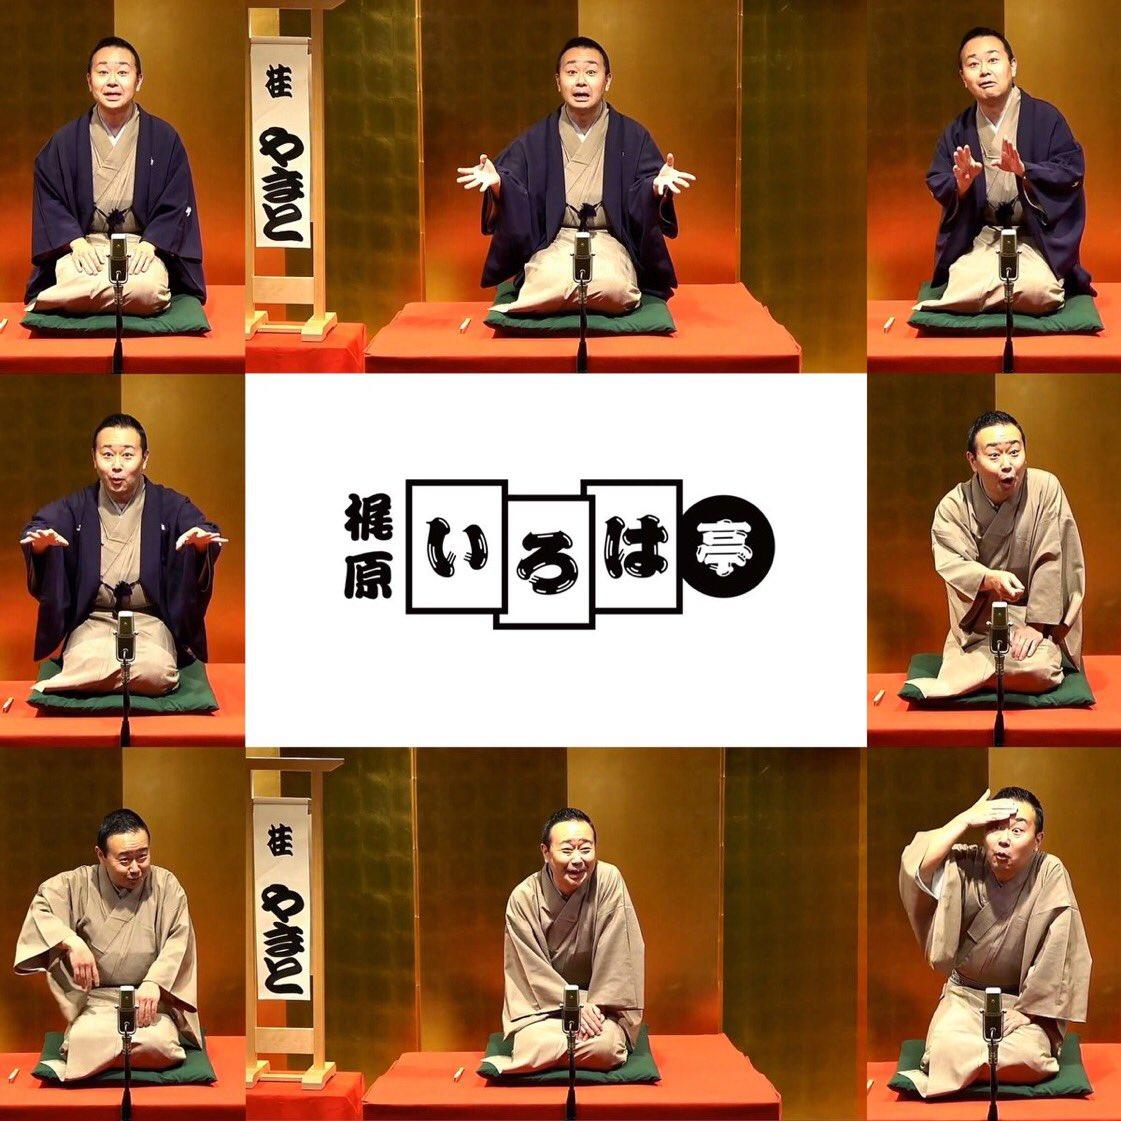 c_katsurayamato_kajiwarairohatei